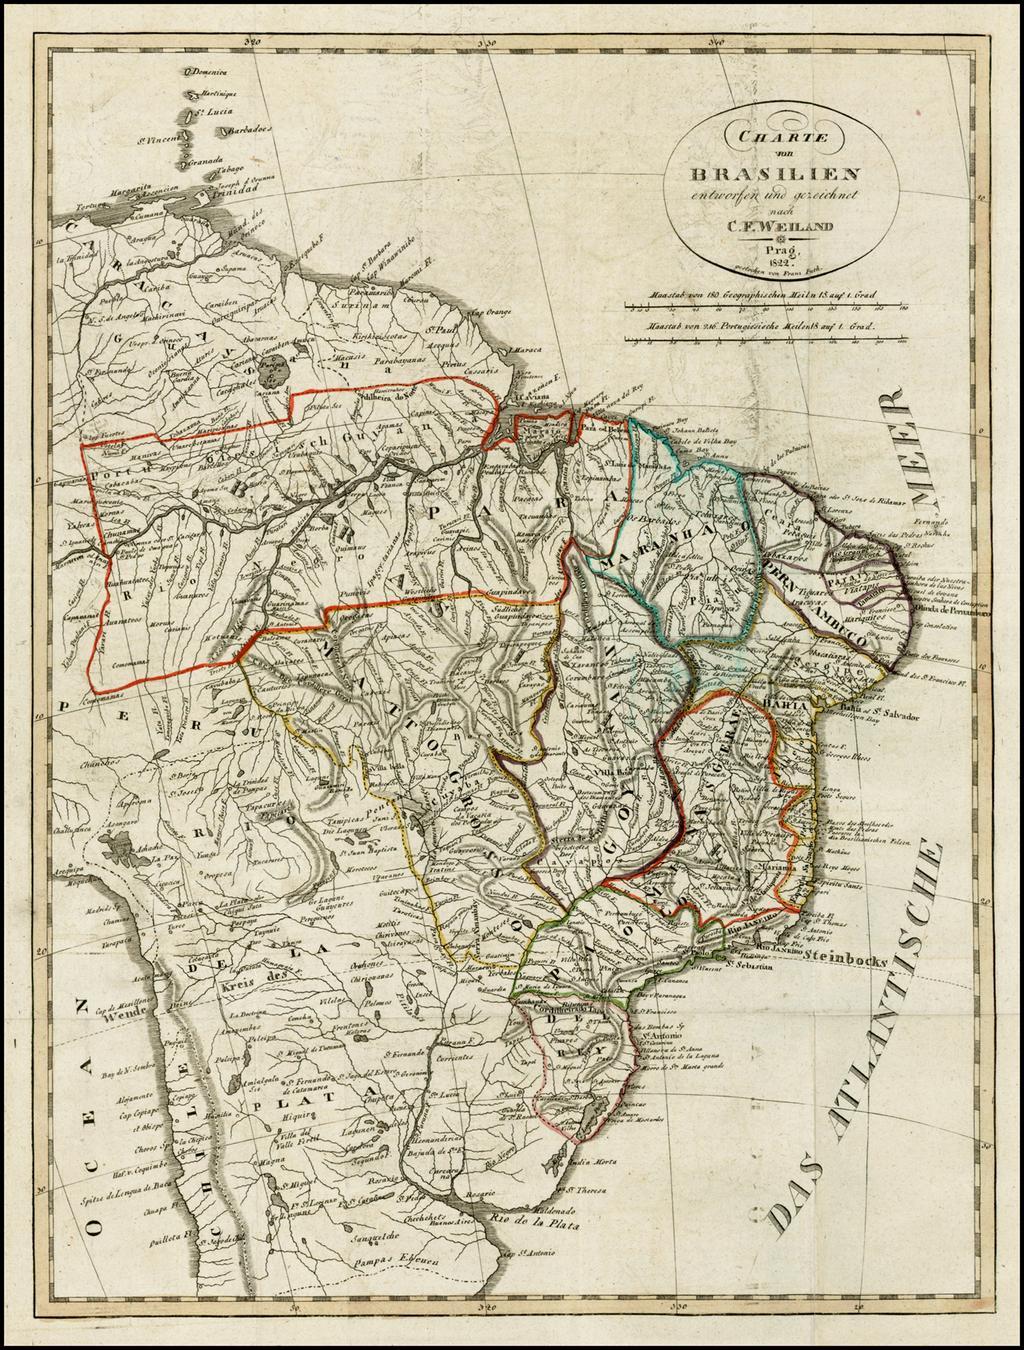 Charte von Brasilien entworfen und gezeichnet . . . 1822 By Franz Pluth